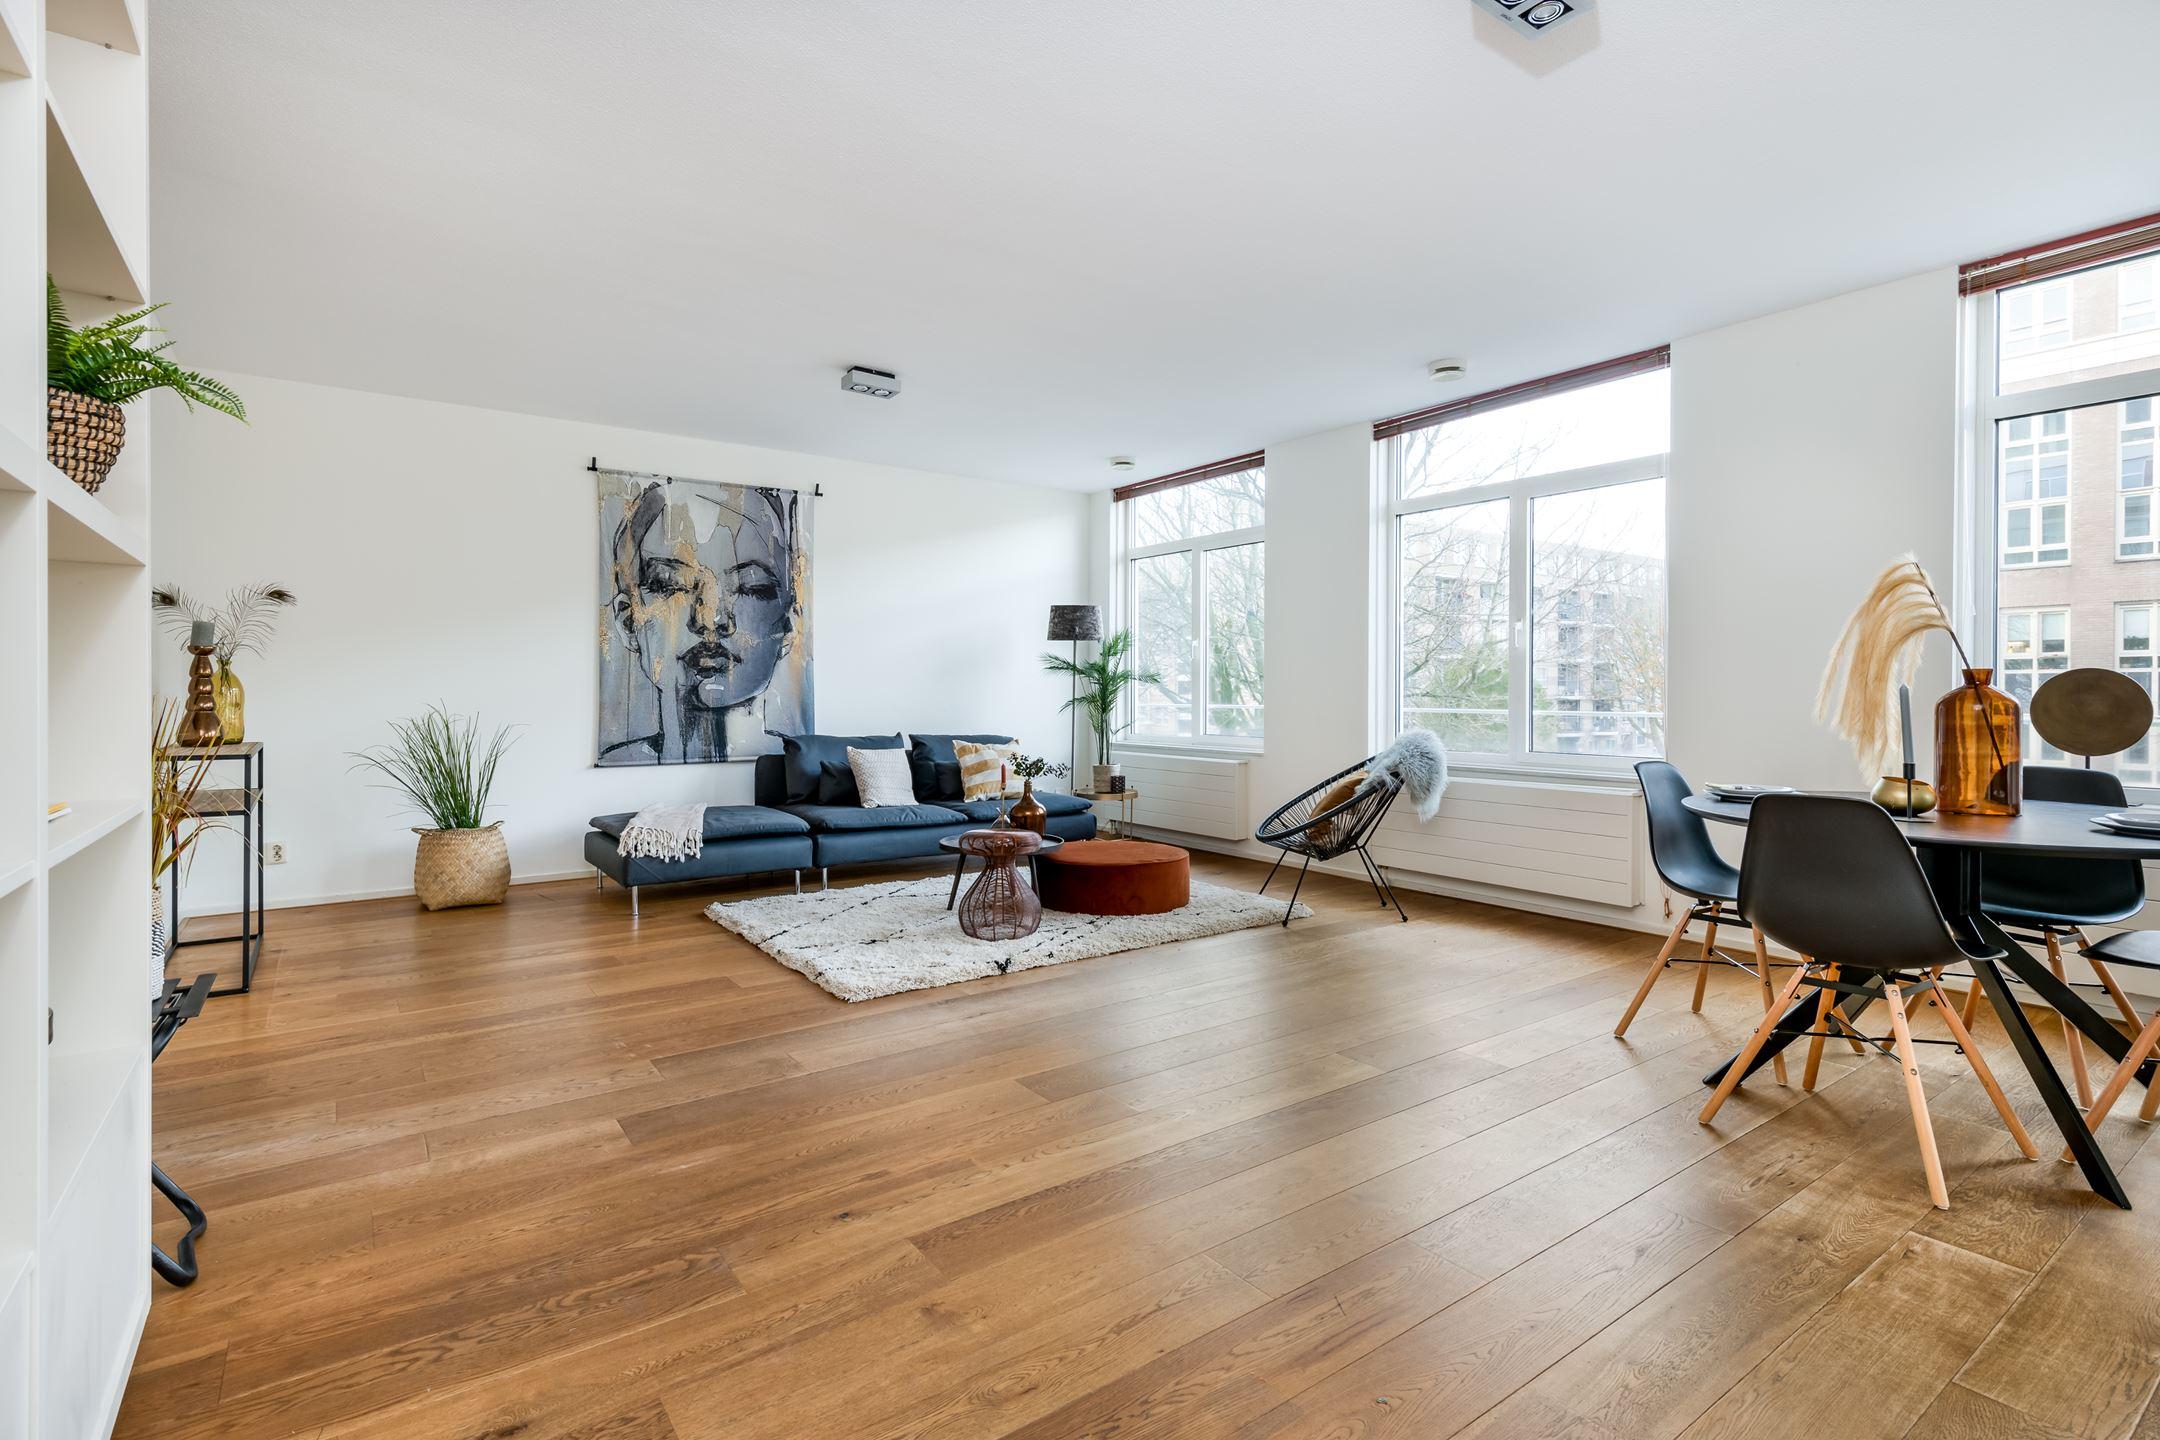 Gelegen ruim en goed onderhouden appartement op de eerste verdieping met twee slaapkamers, ruim balkon op het zuiden, grote berging en parkeerplaats in de Archipelbuurt in Den Haag